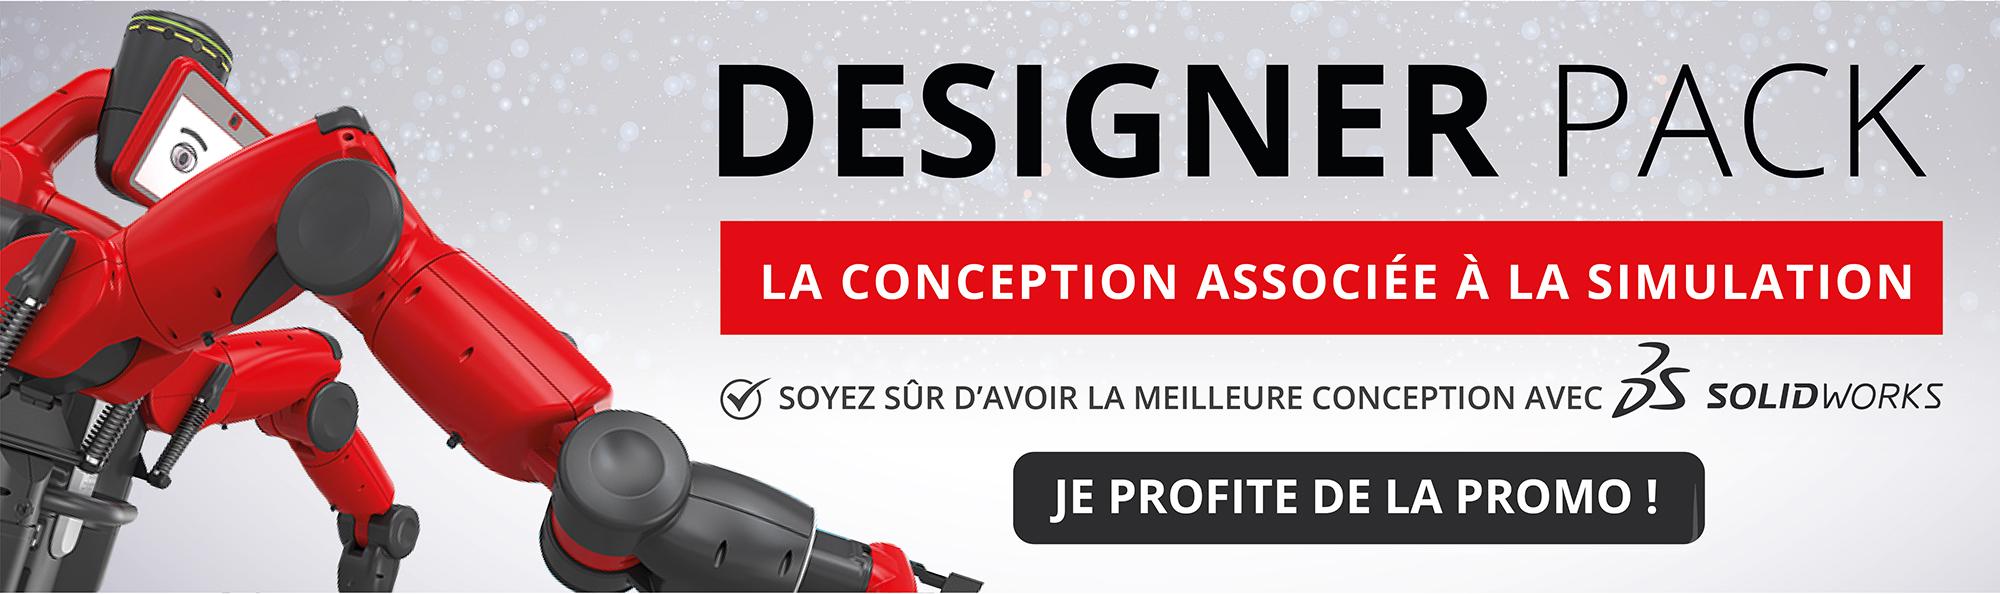 DESIGNER PACK ! Guidez votre conception par la simulation